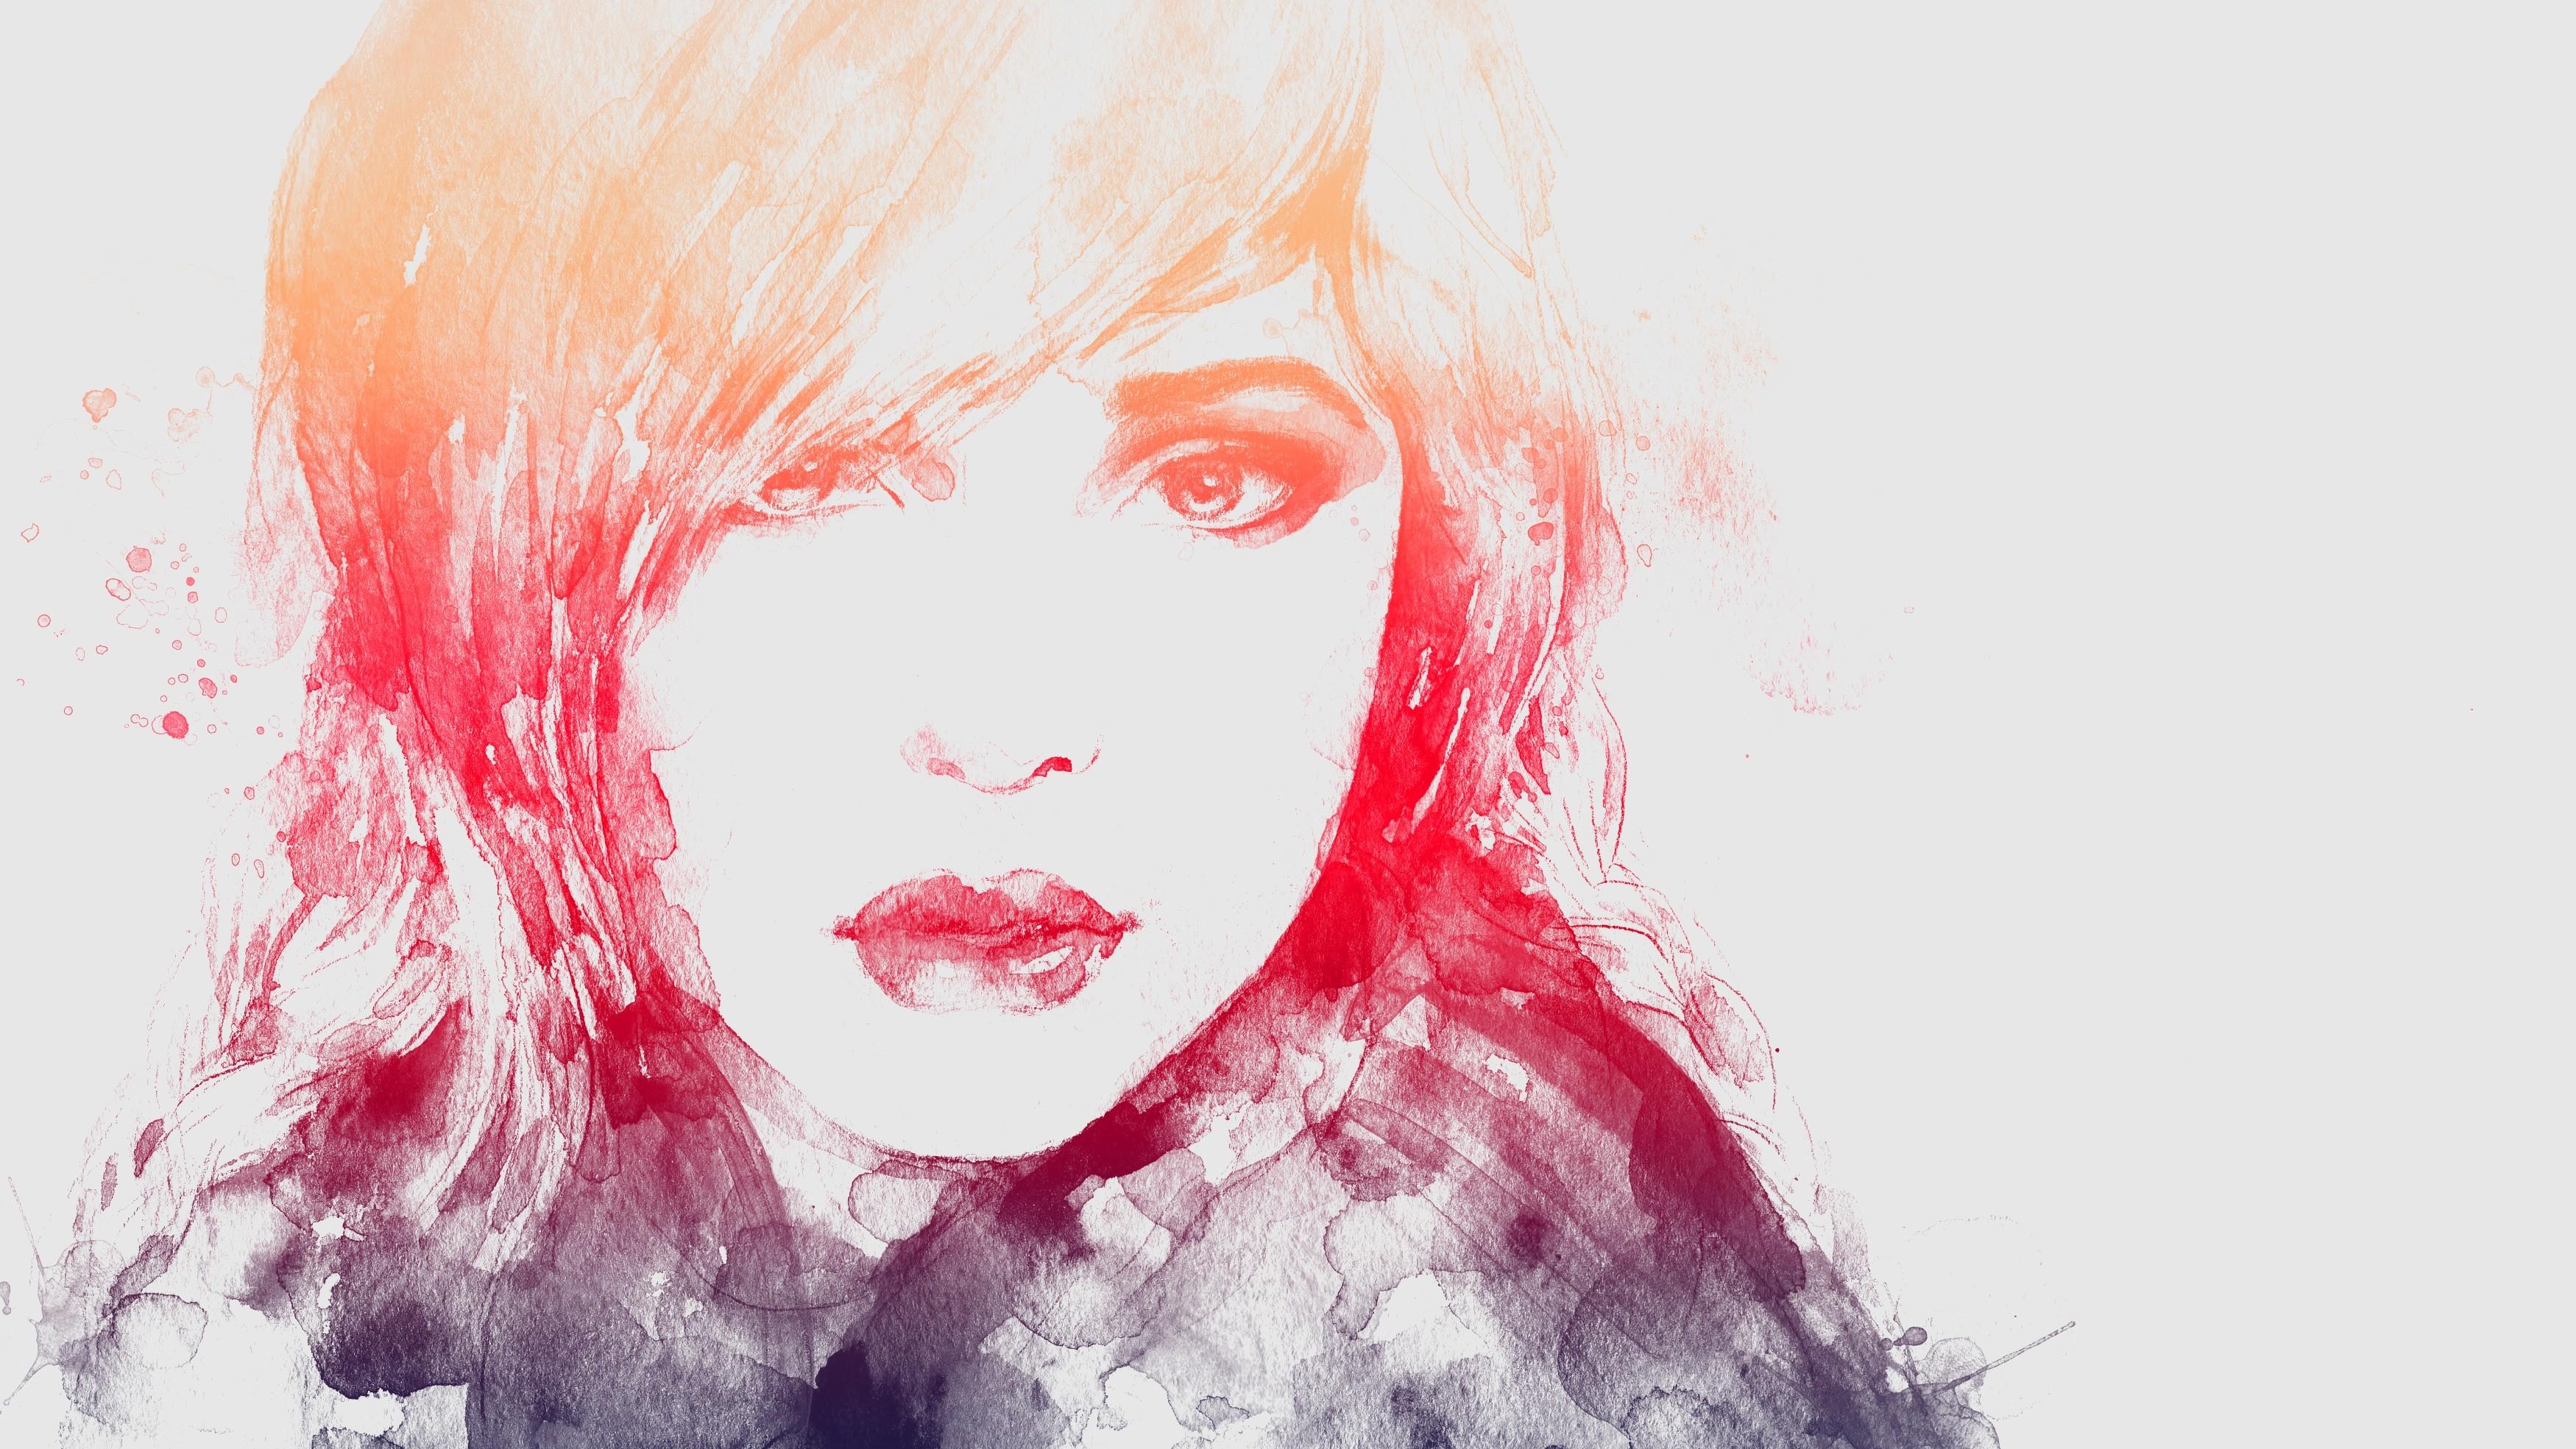 Masaüstü Yüz çizim Boyama Illüstrasyon Portre Kırmızı Ağız